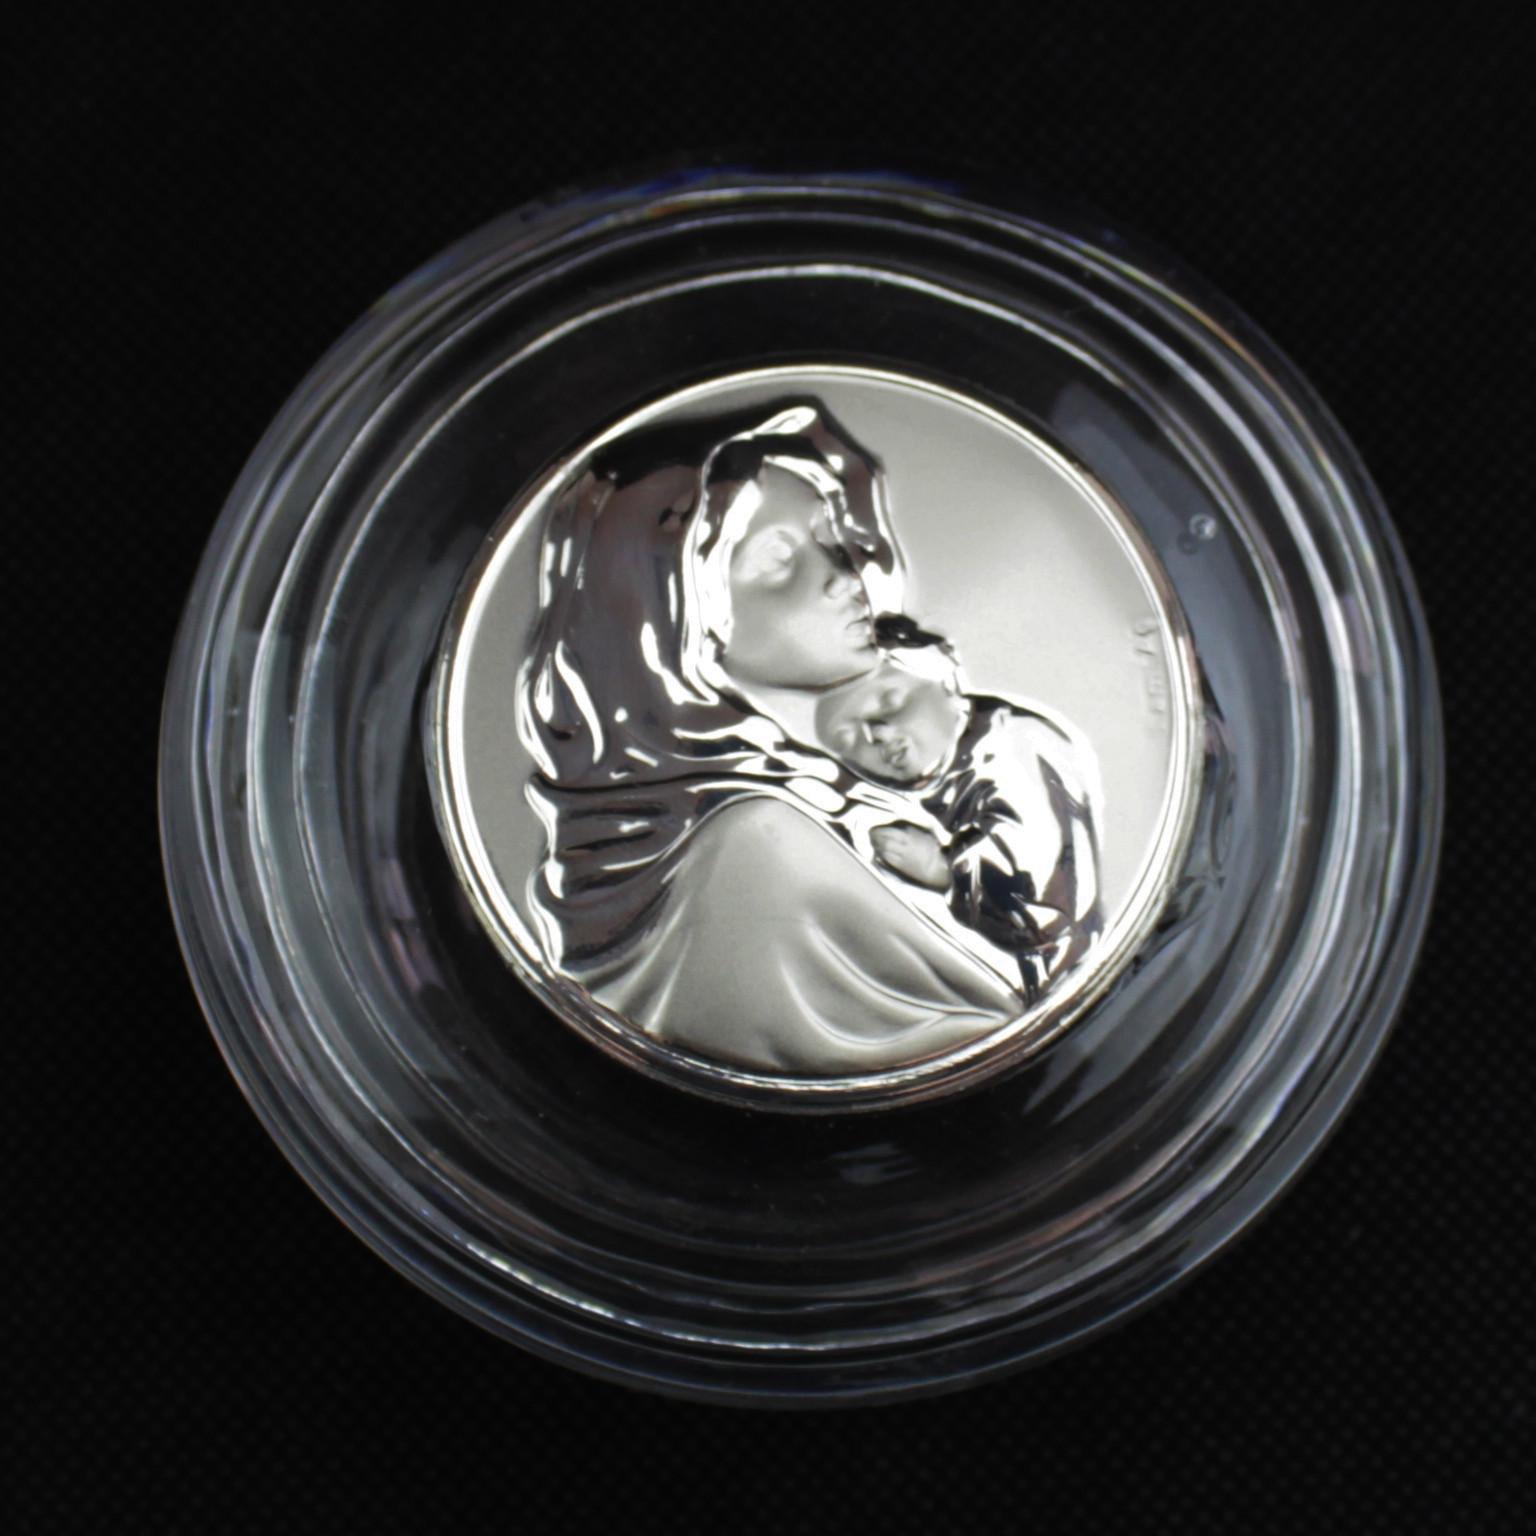 Scatolina tonda portagioie in vetro con Madonna e Bambino